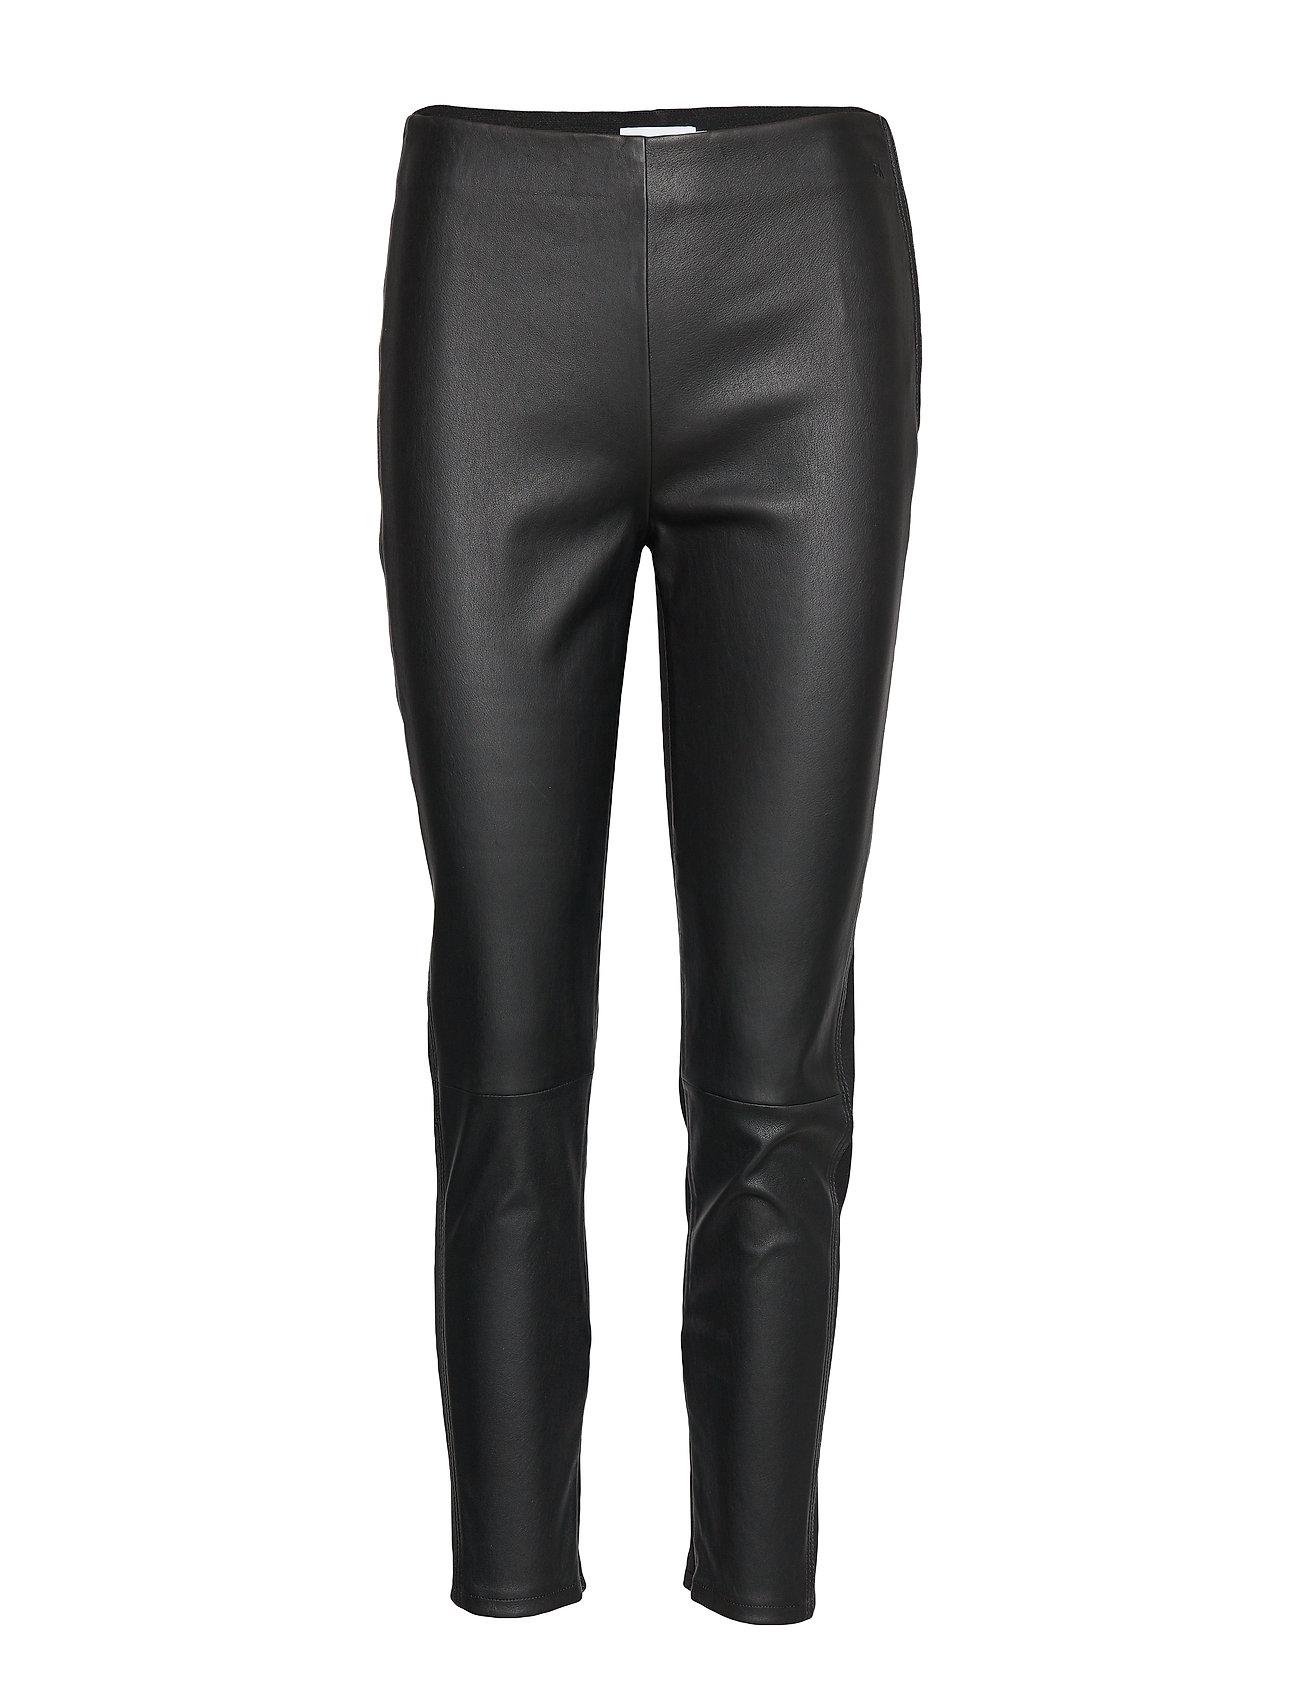 Image of Essential Leather Mi Leather Leggings/Bukser Sort CALVIN KLEIN (3215336805)